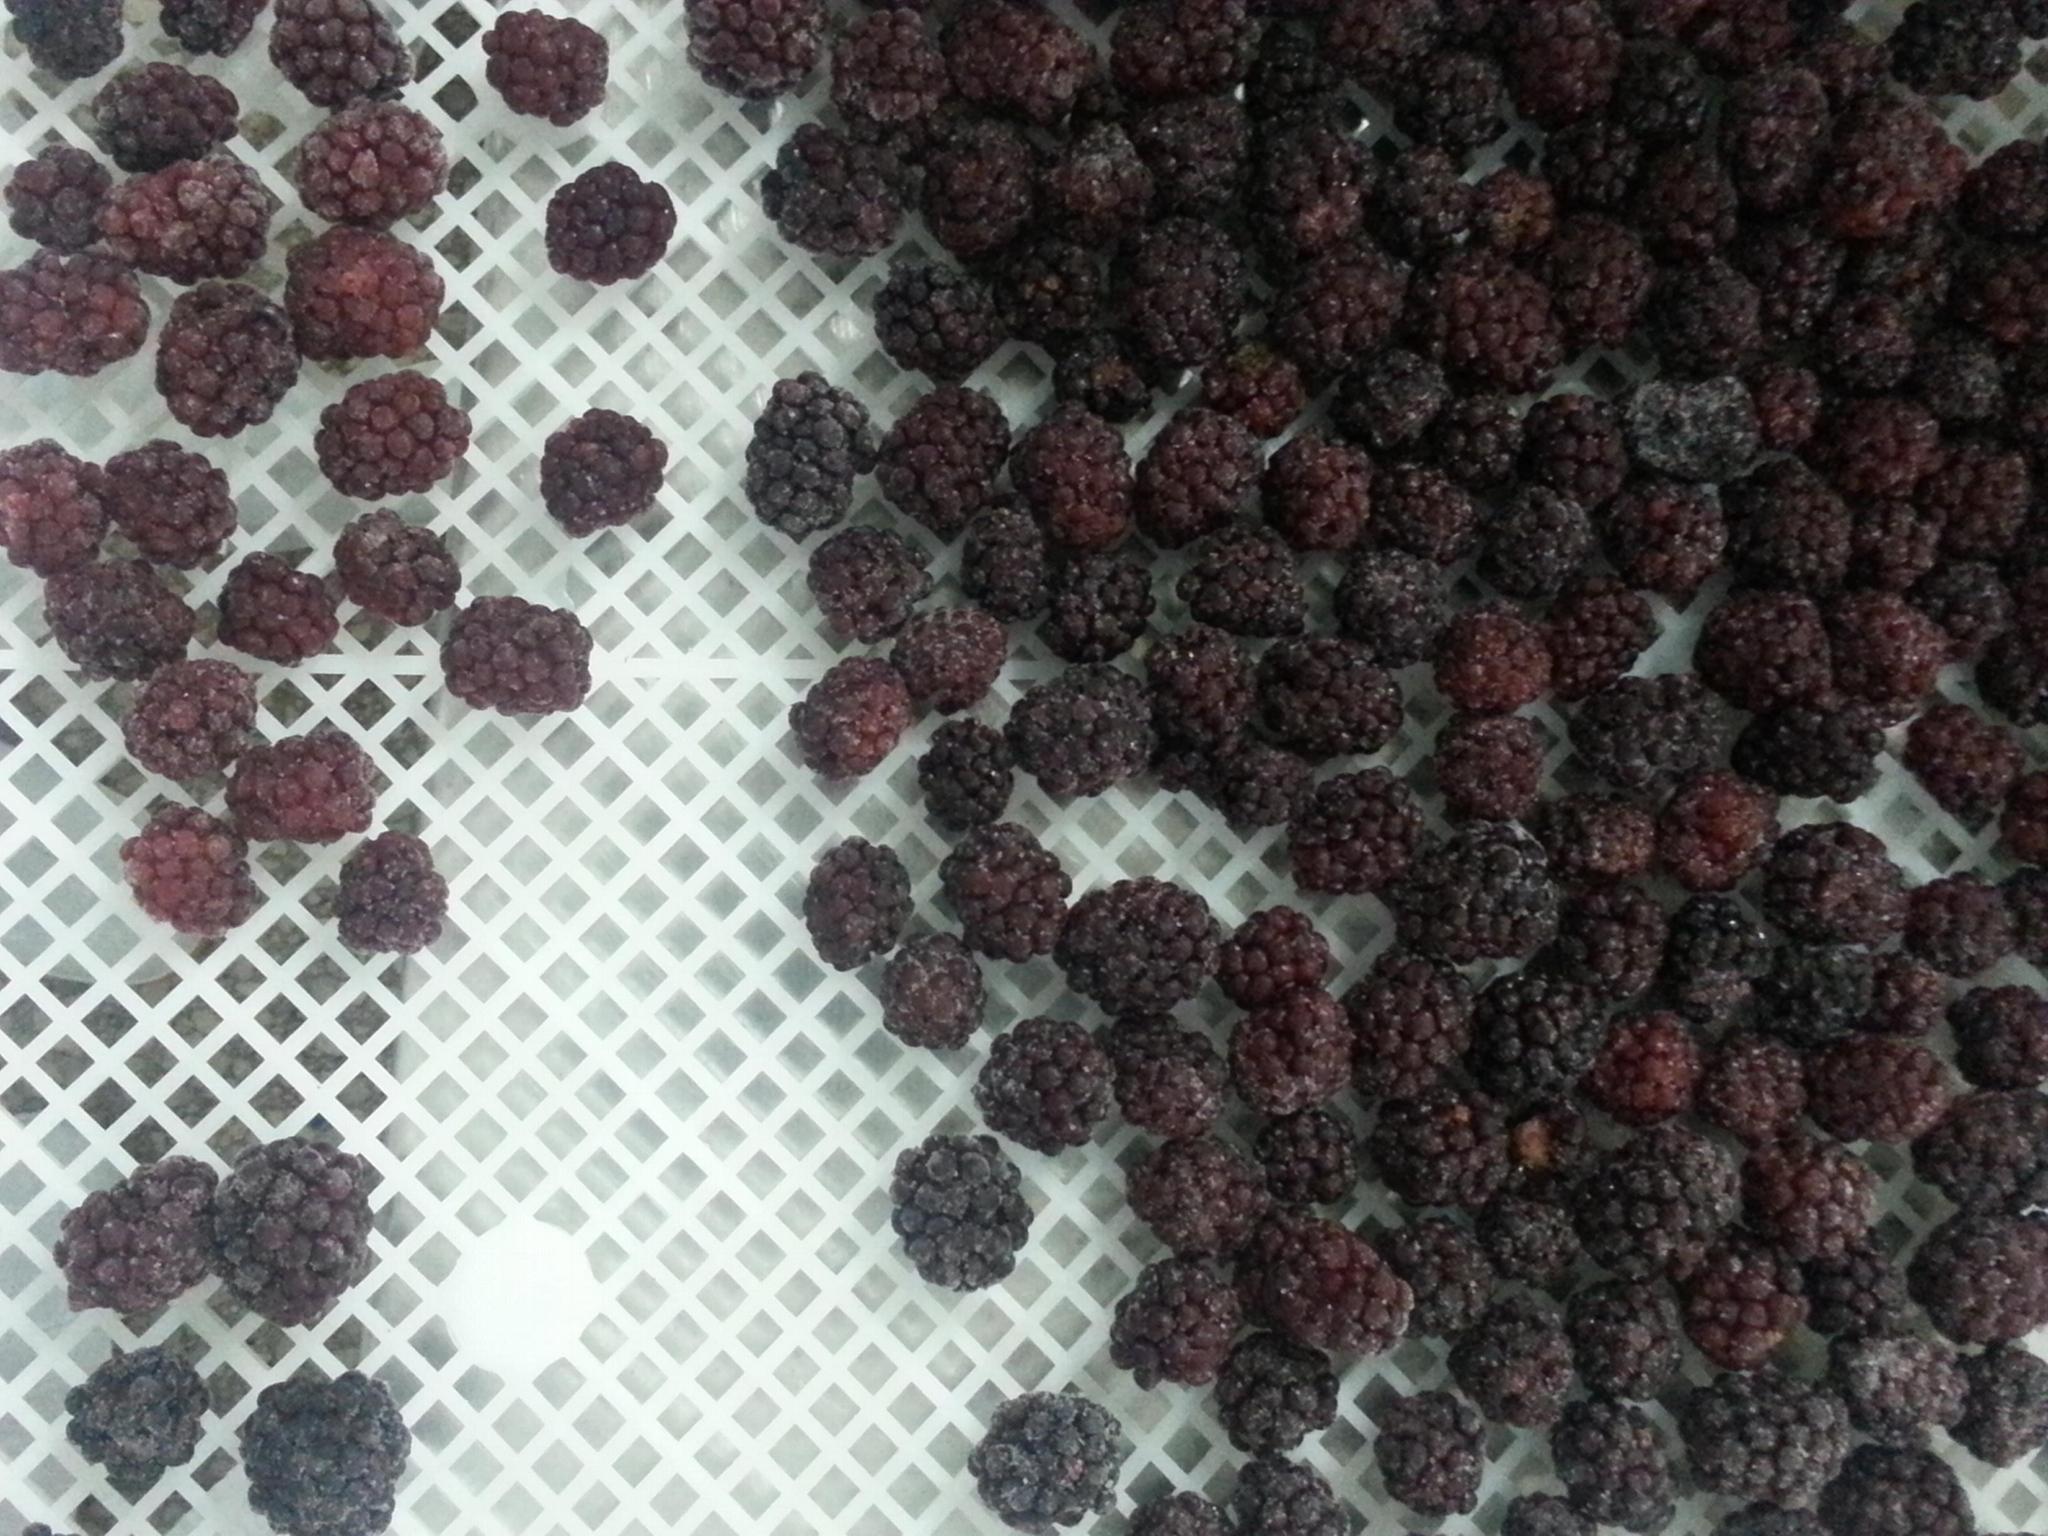 冷凍黑莓,速凍黑莓 9